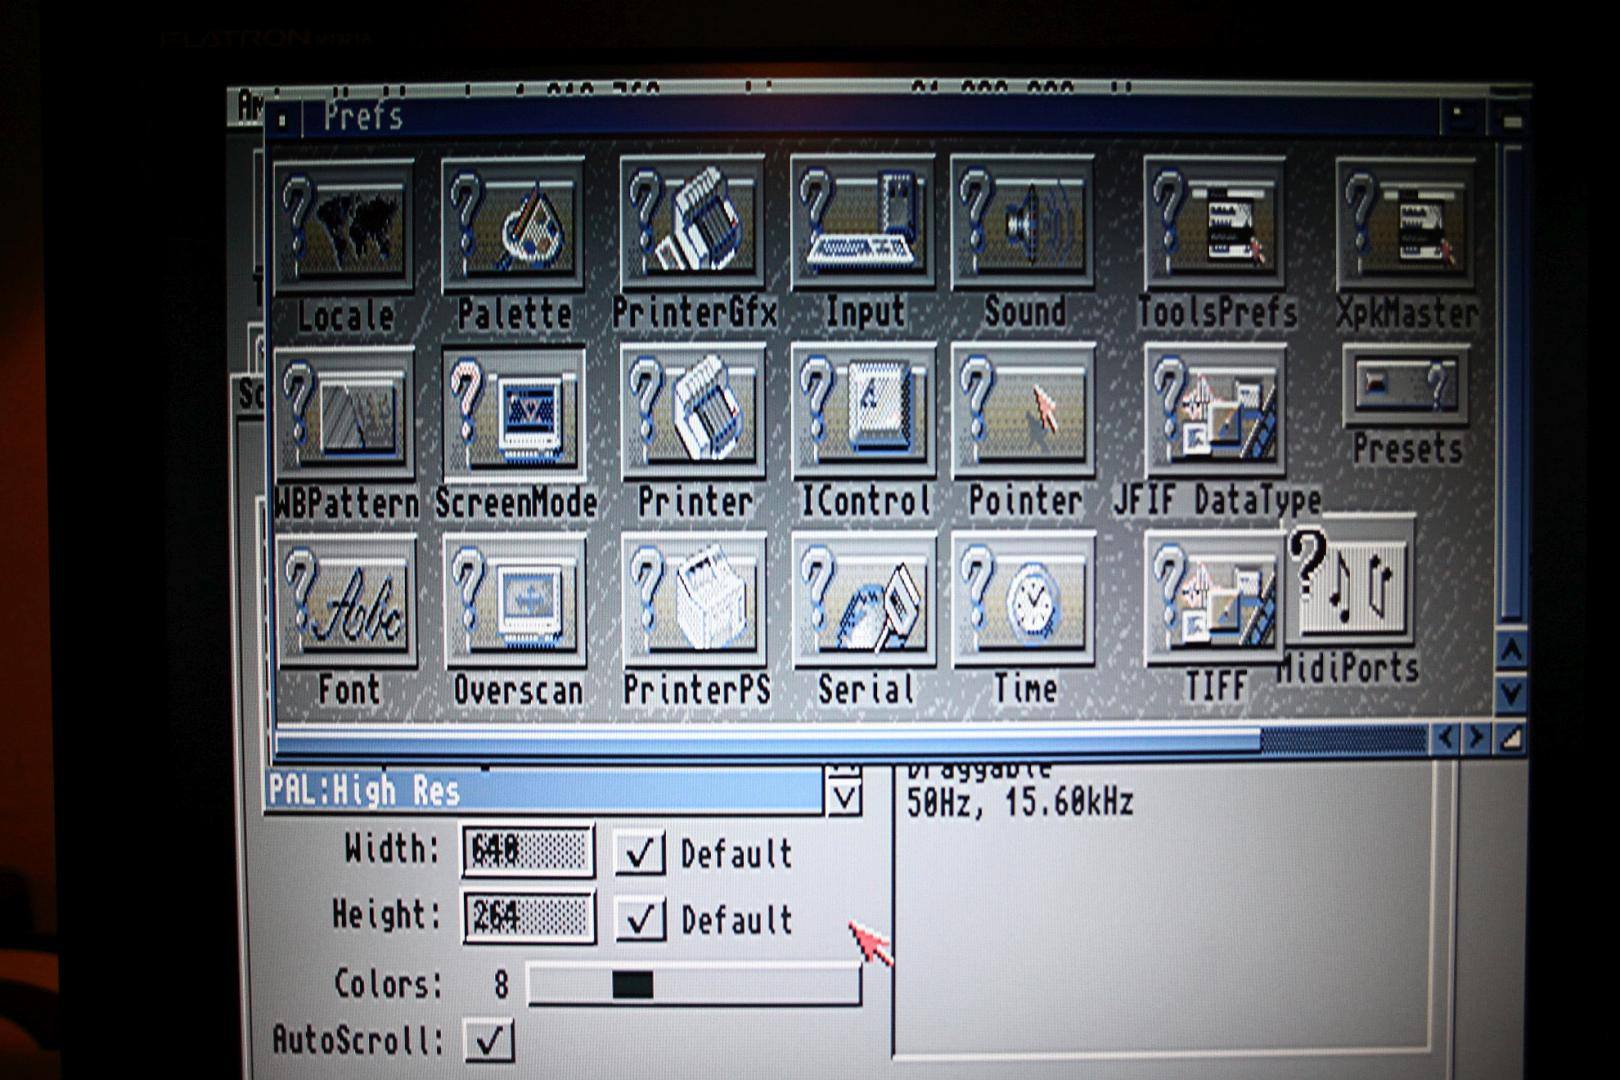 Klikněte na obrázek pro zobrazení větší verze  Název: FlatronM1921A-BZ_december2006.jpg Zobrazeno: 27 Velikost: 223,0 KB ID: 9806